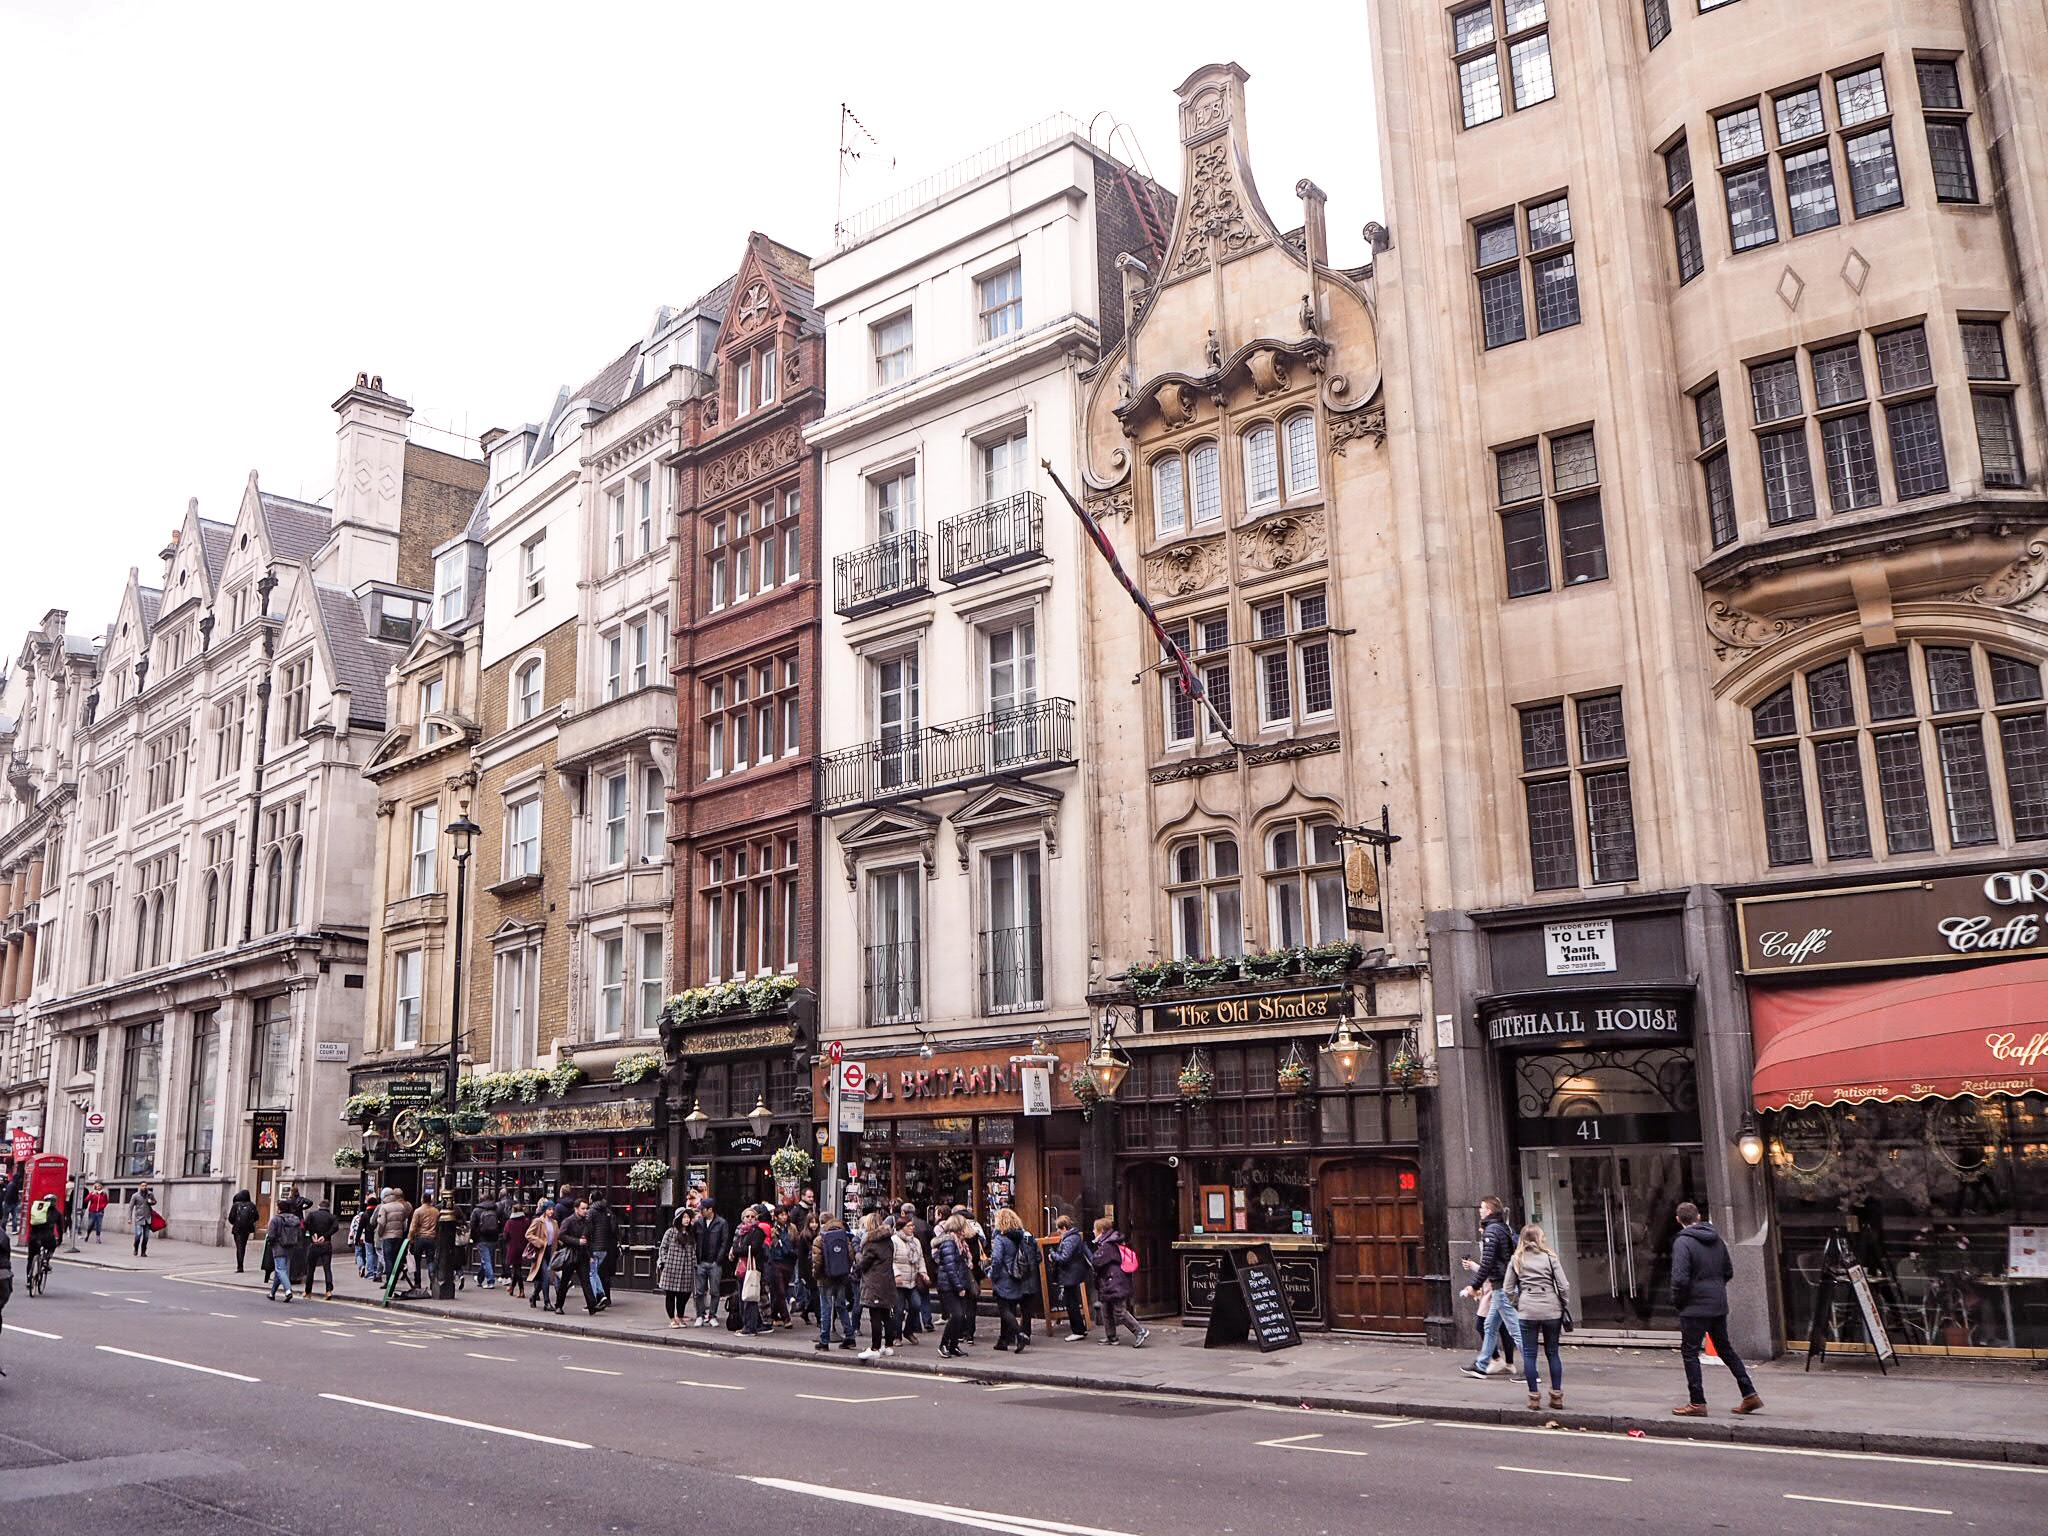 Lontoo näkemisen arvoiset kohteet